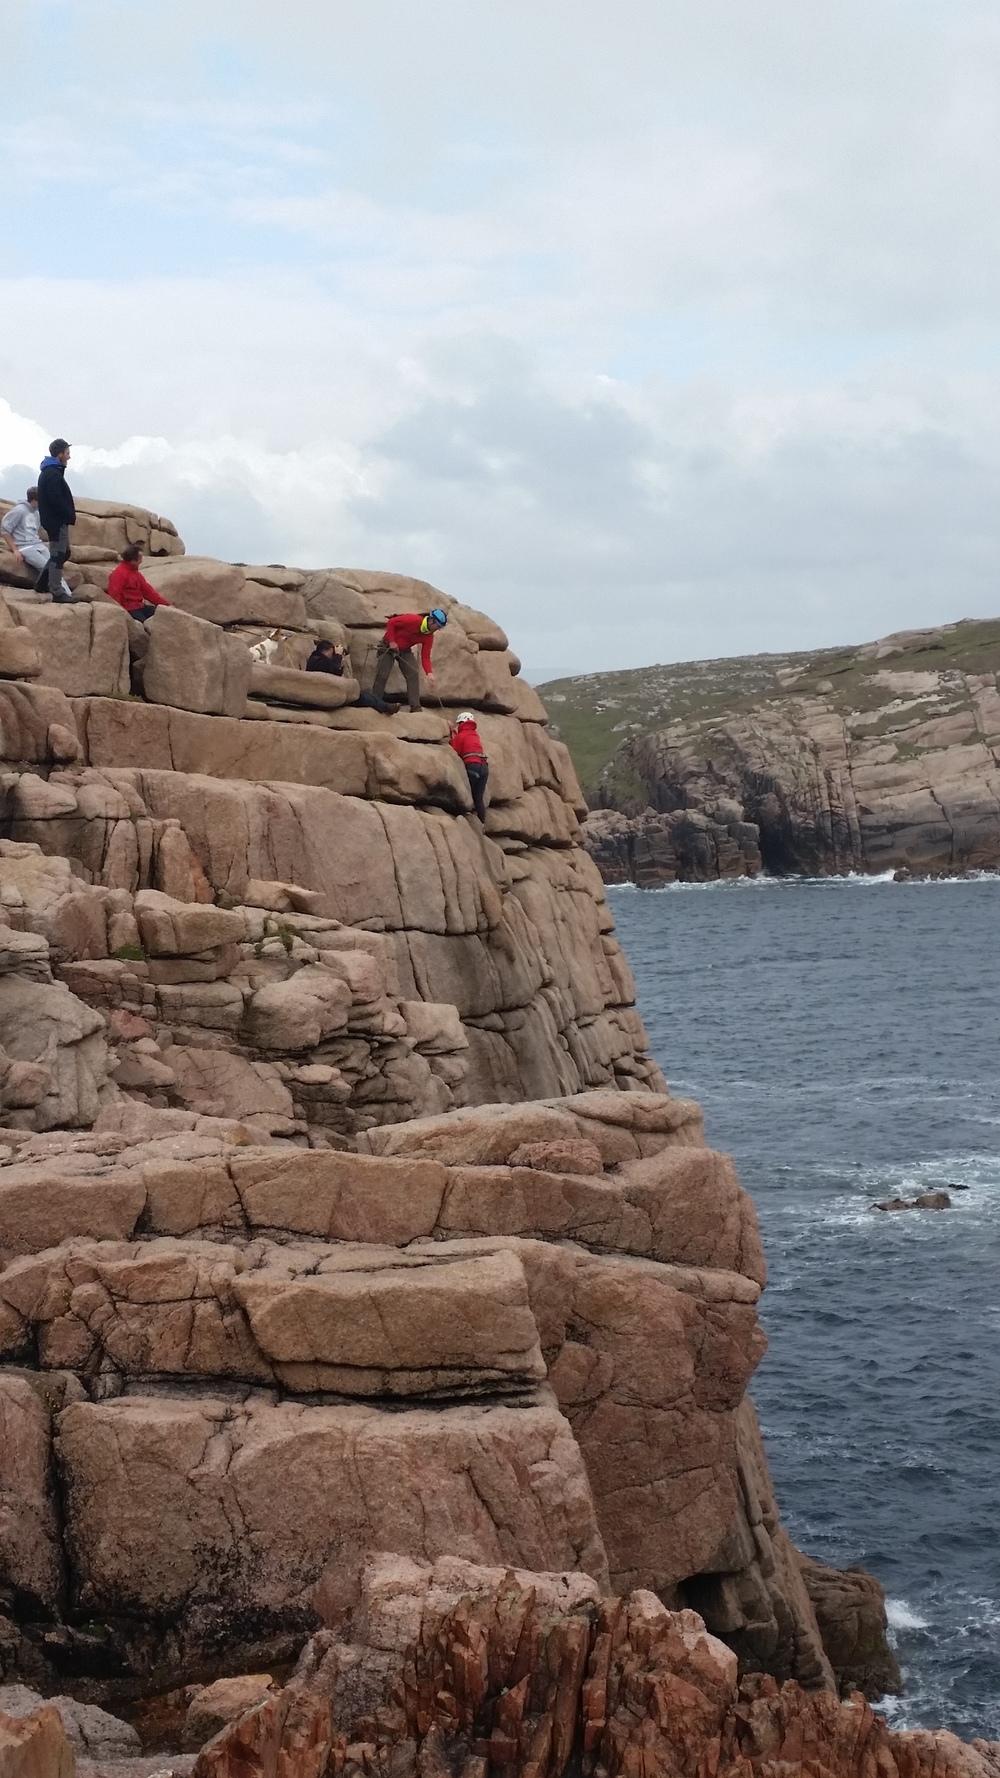 Moira ní Ghallachóír, mng, rock climbing on Gola Island with Iain Miller, Unique Ascent